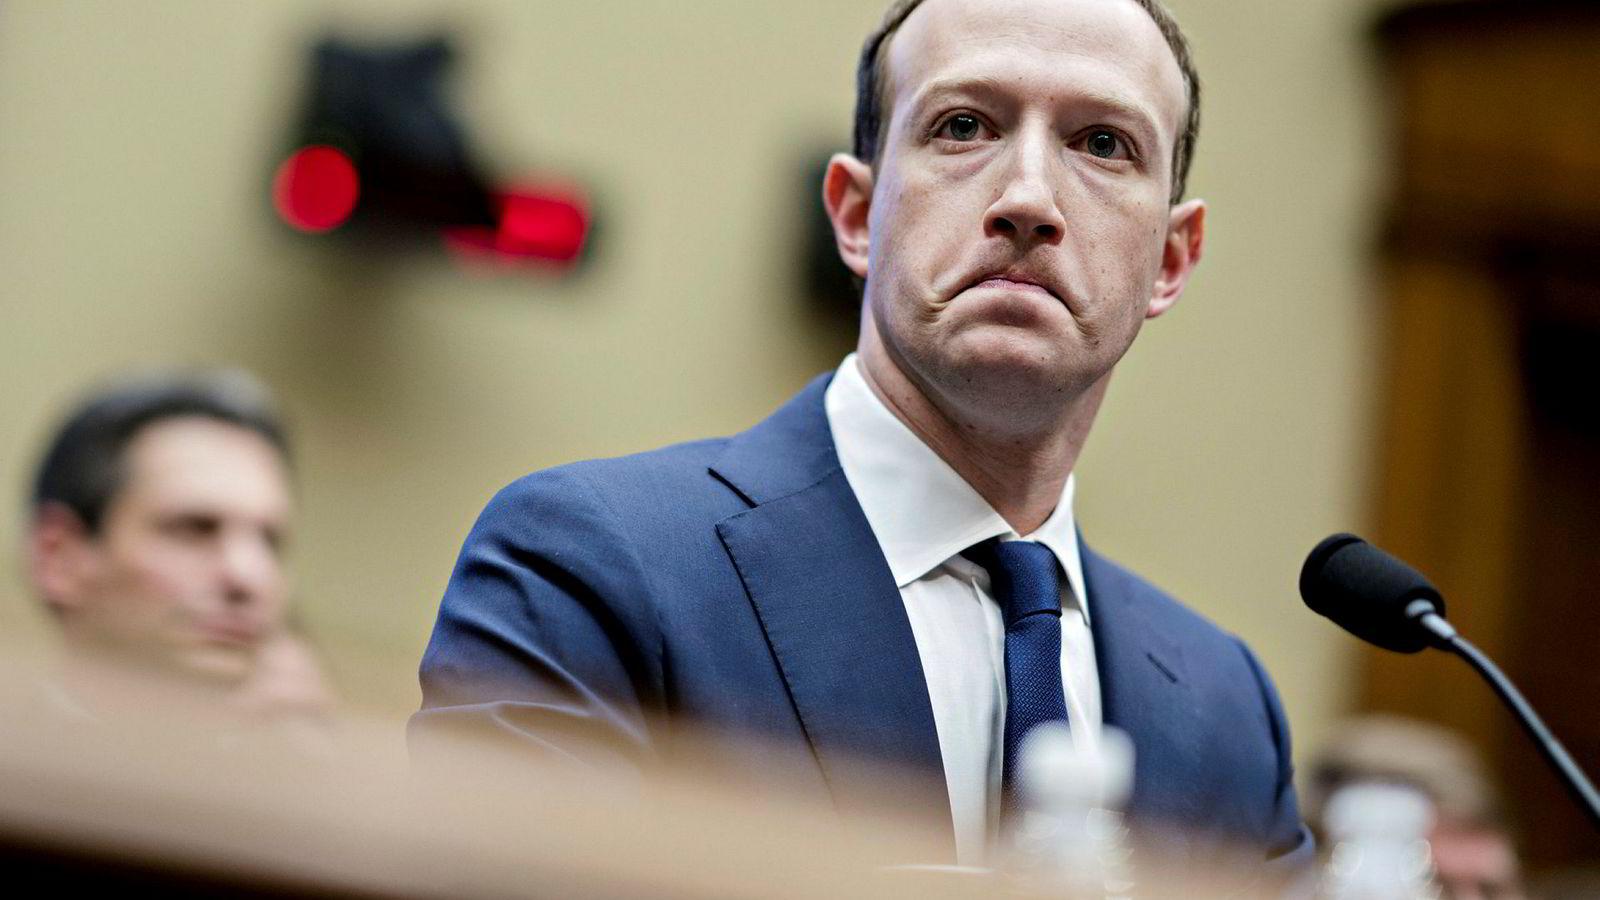 Mark Zuckerberg må forberede seg på en foreløpig konklusjon på personvern-etterforskningen av Facebooks Whatsapp fra irske myndigheter. Utfallet kan bli potensielt enorme bøter.